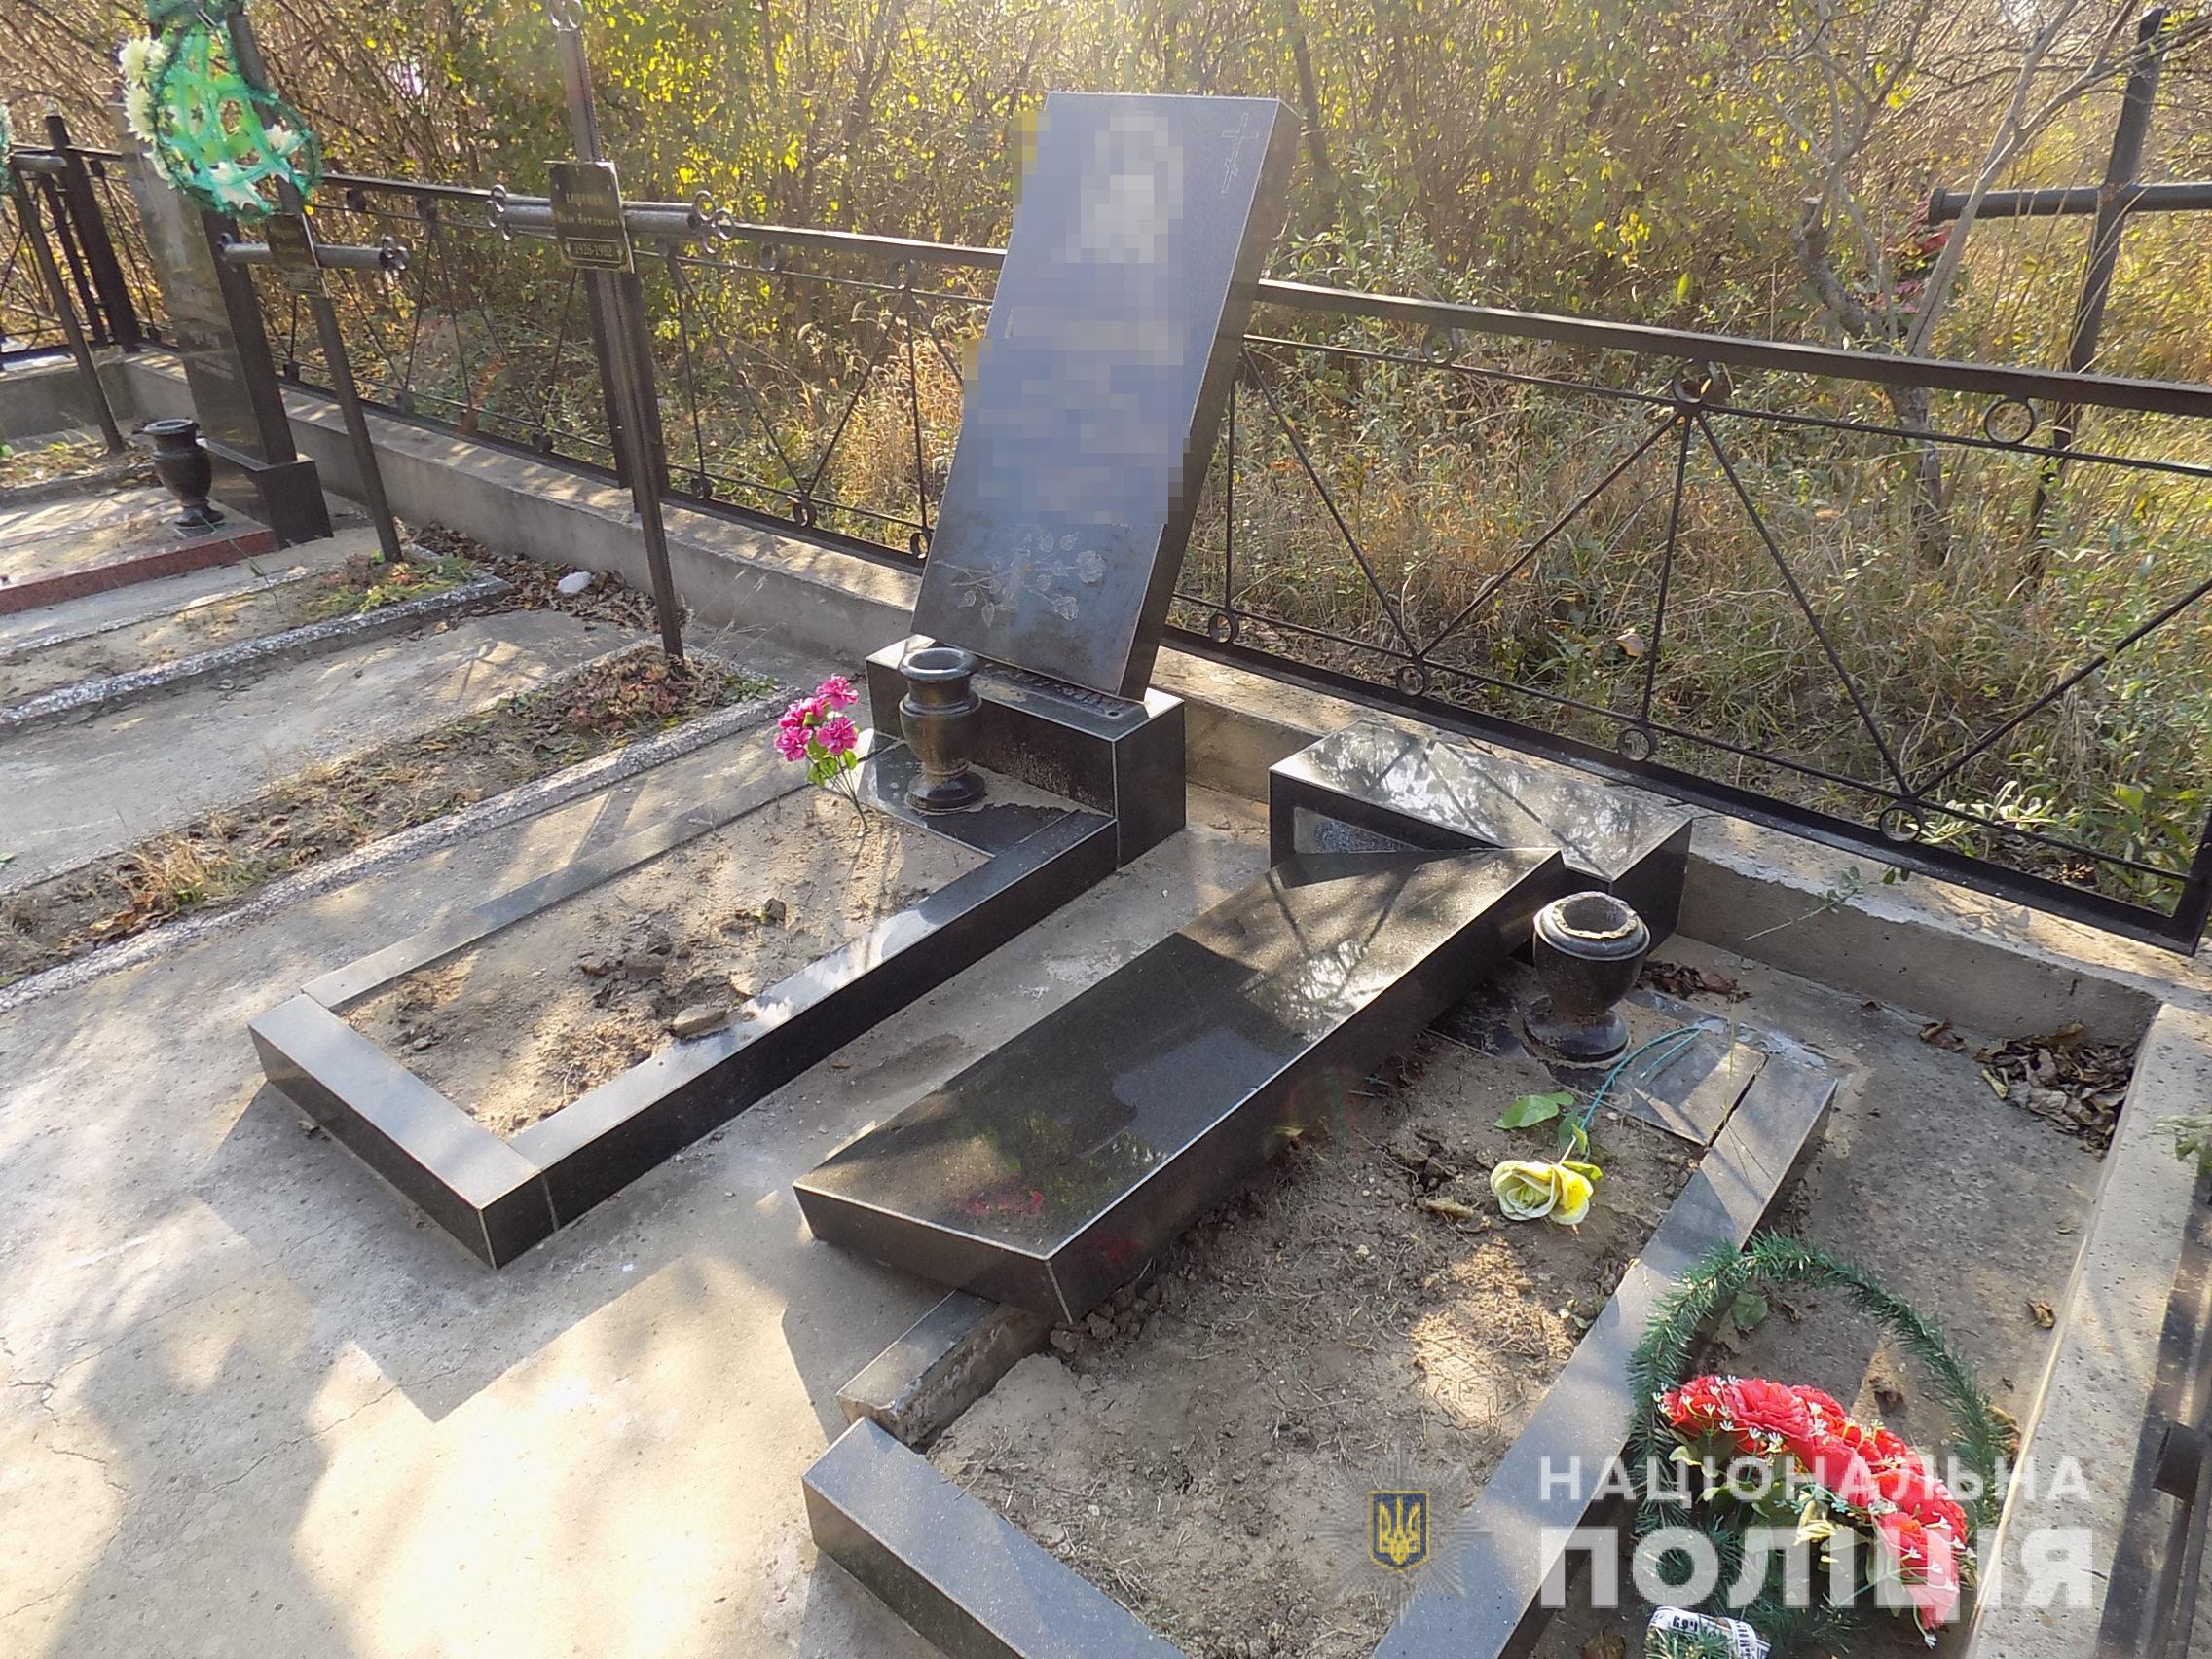 В Одесской области задержали школьников, которые глумились над могилами на кладбище (ФОТО)